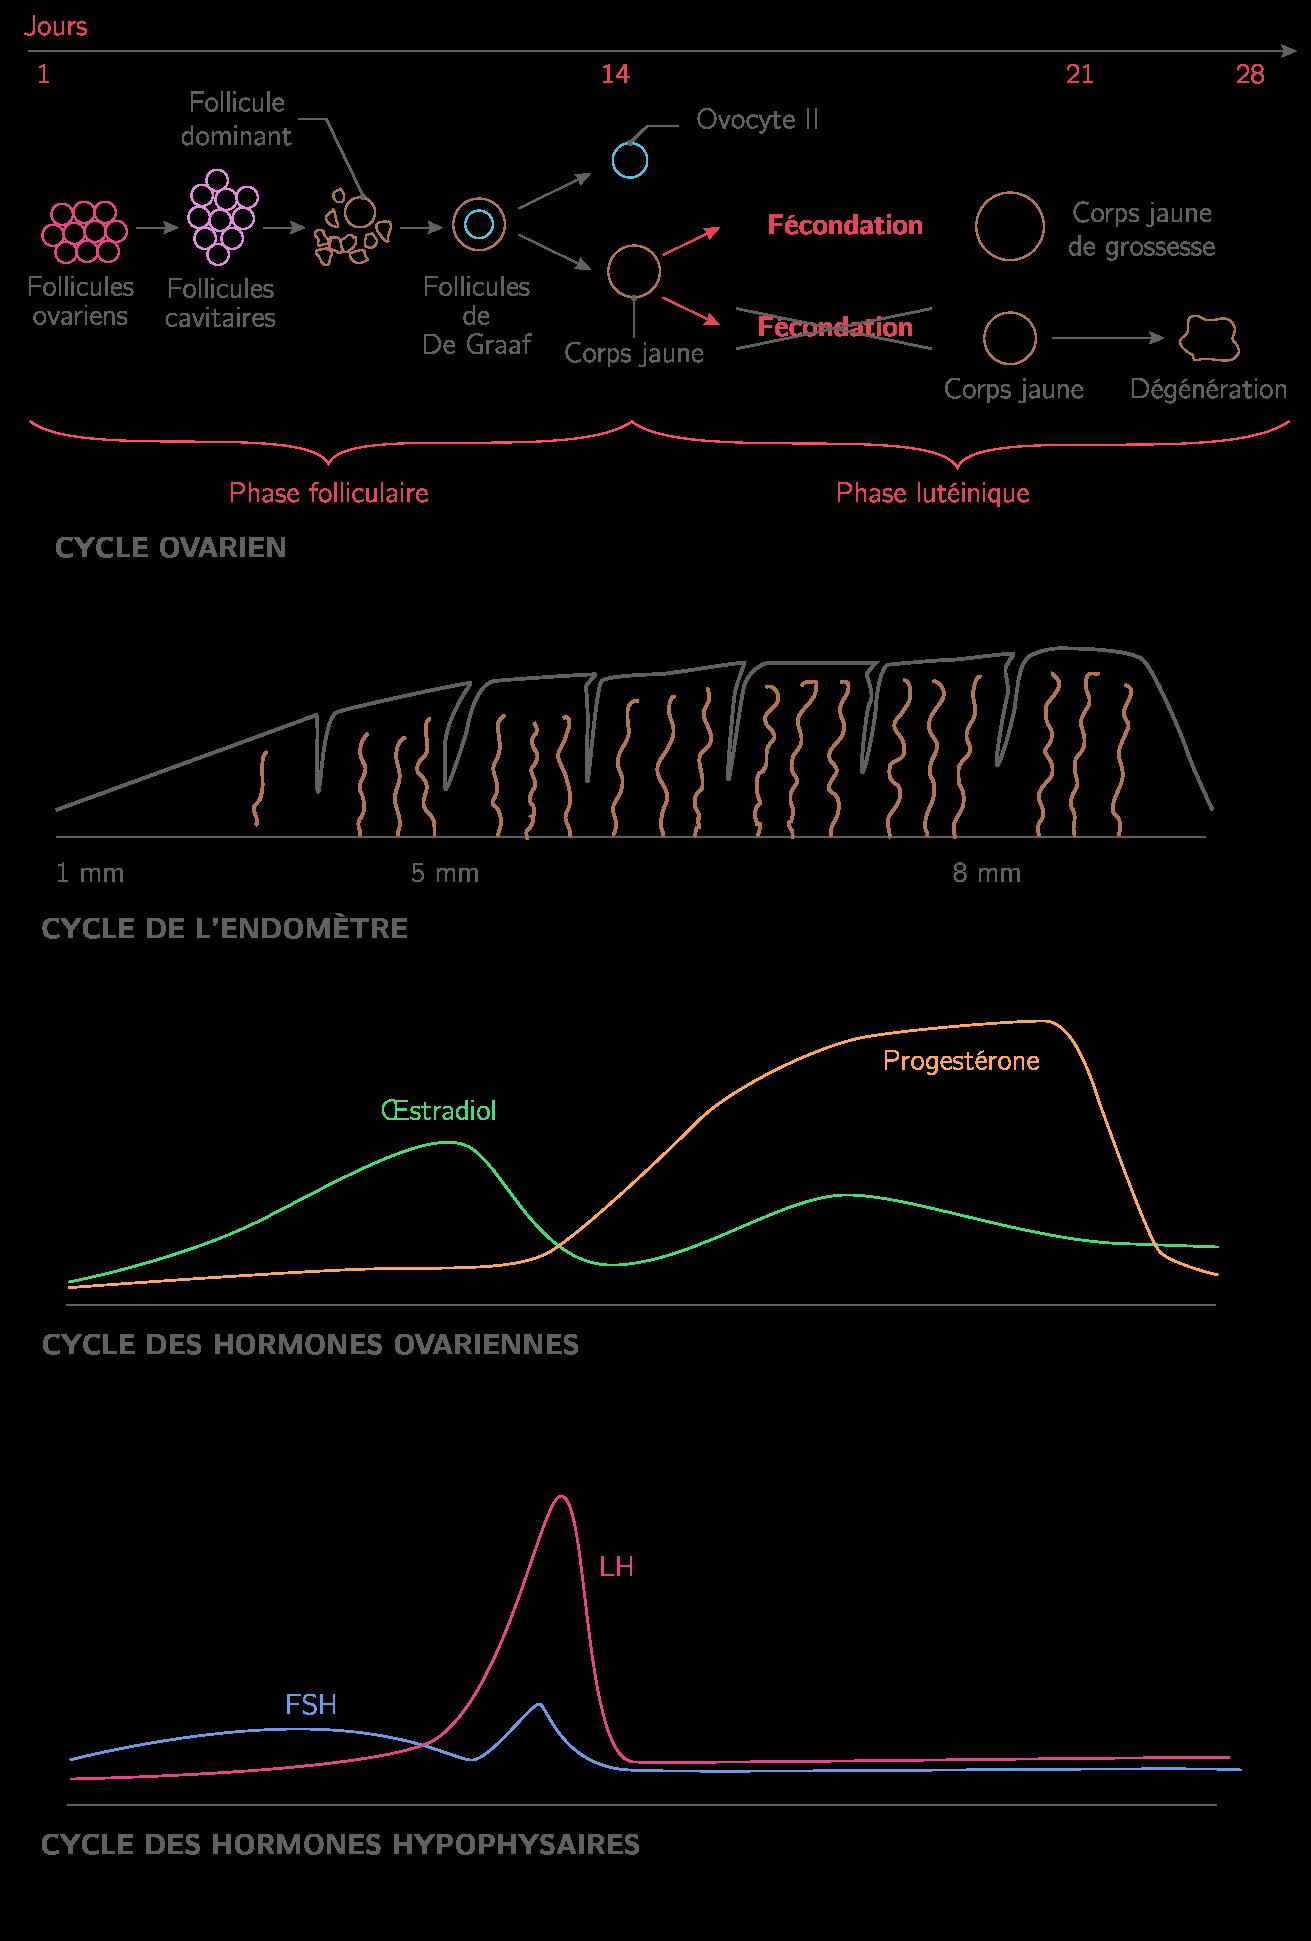 Les cycles menstruels chez la femme